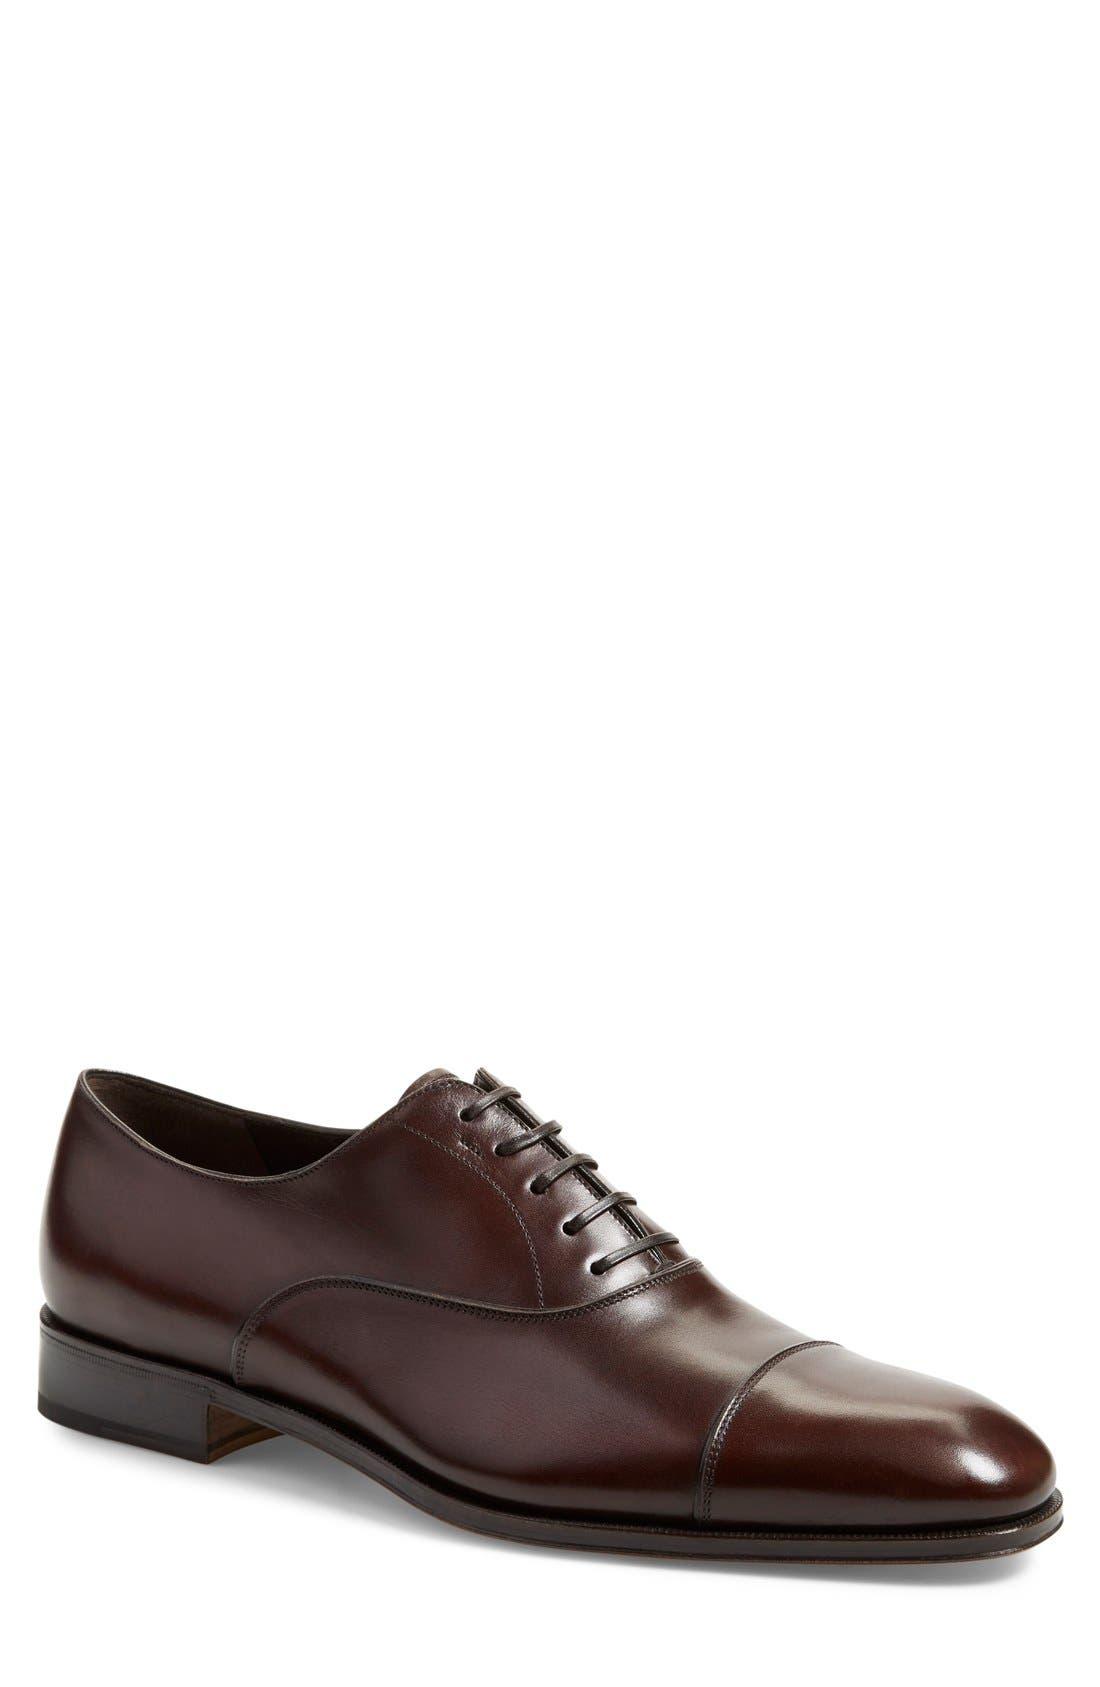 Luce Cap Toe Oxford,                         Main,                         color, Auburn Leather